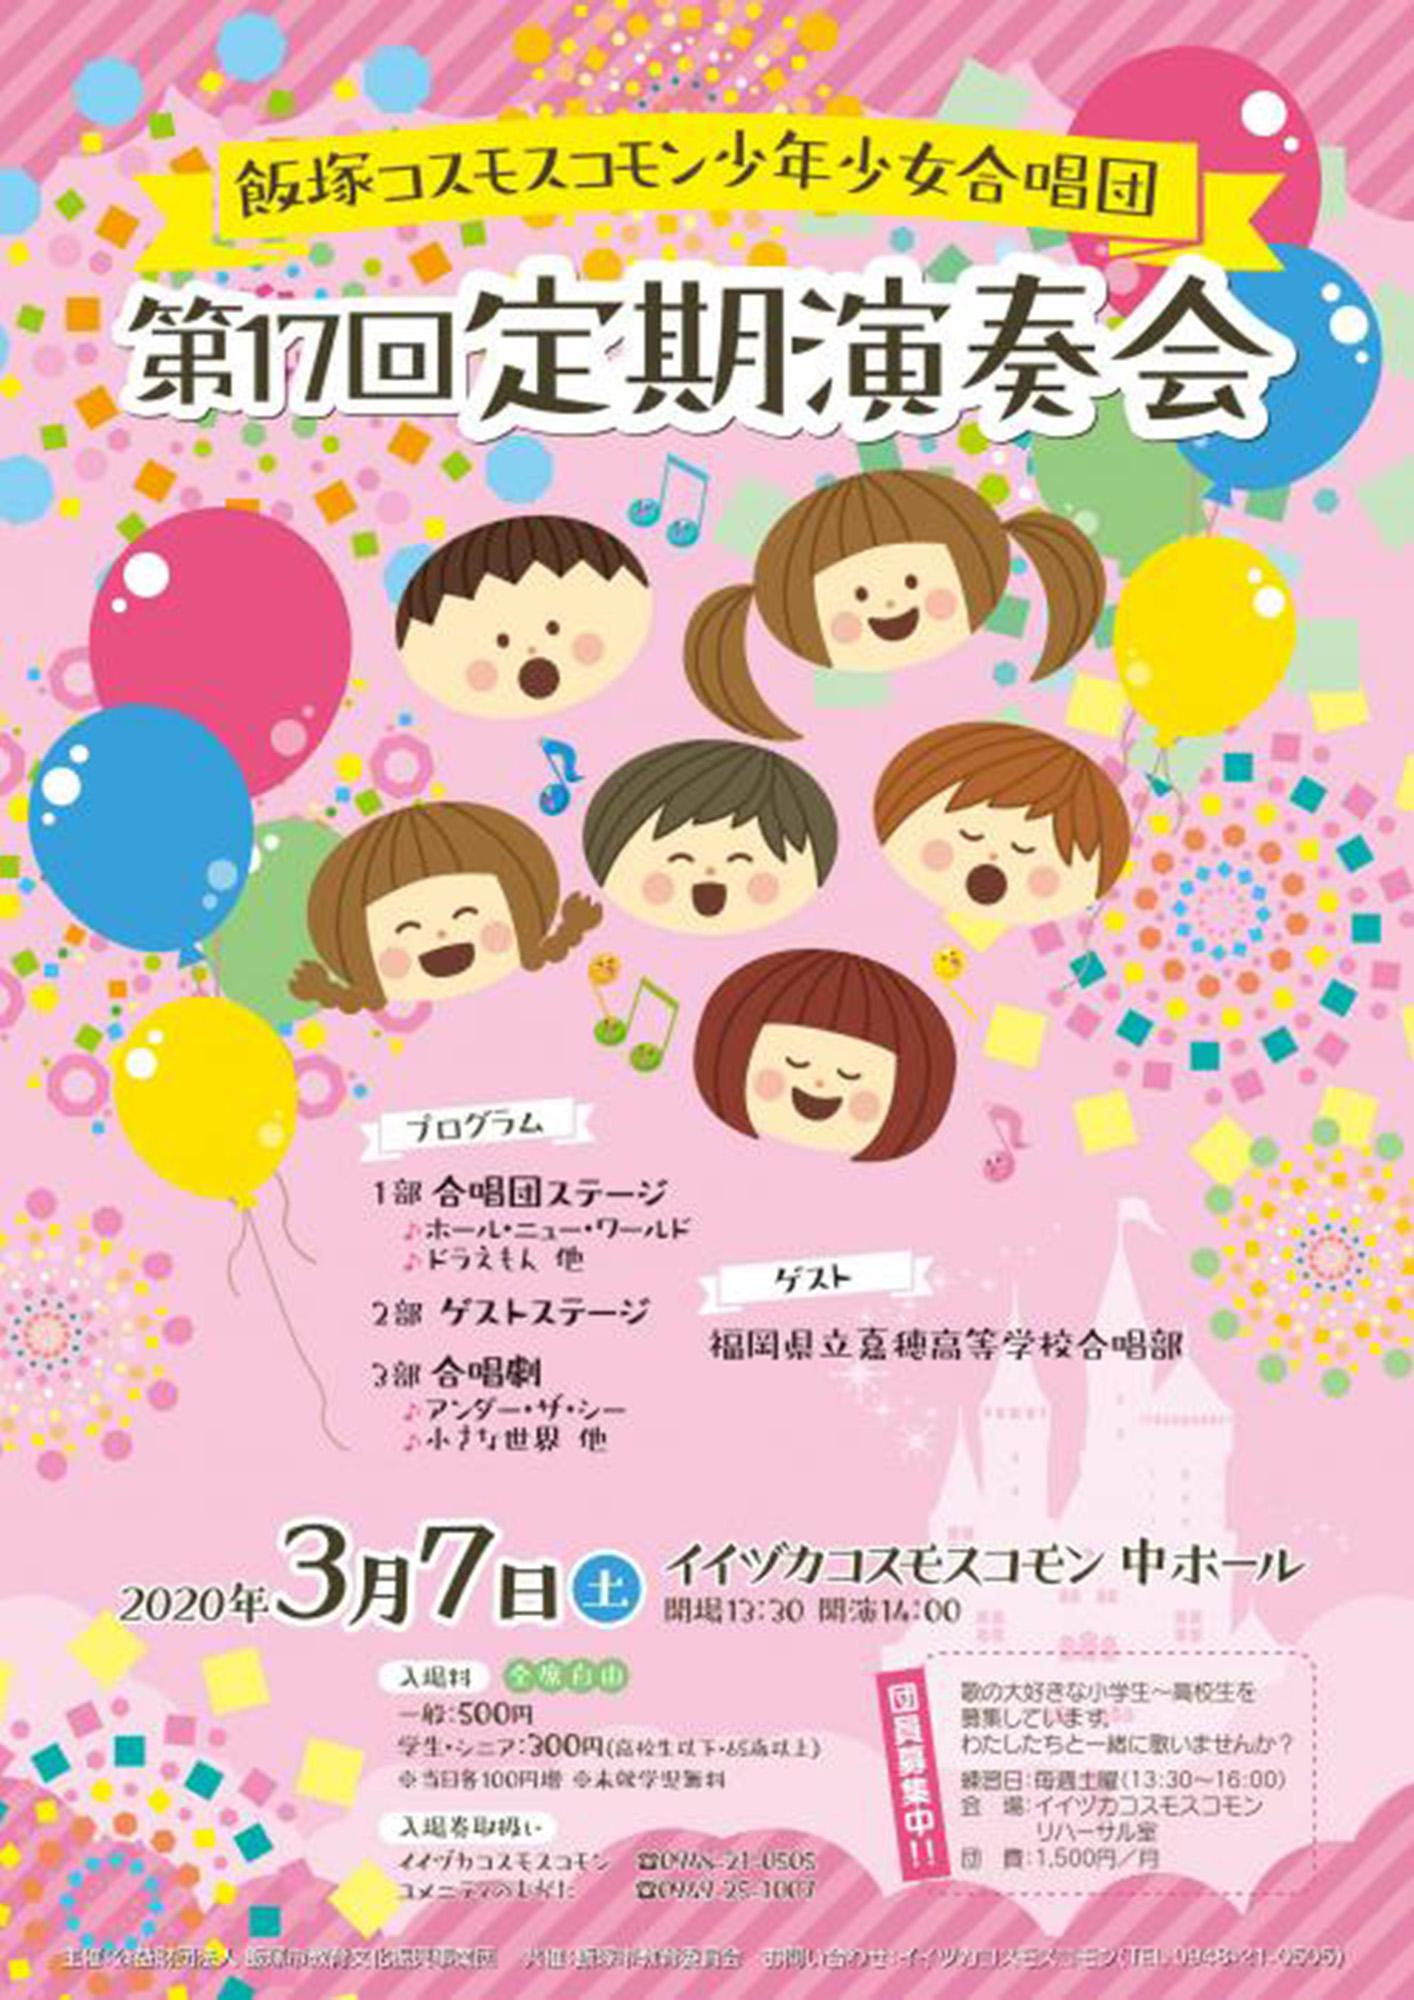 飯塚コスモスコモン少年少女合唱団 第17回 定期演奏会